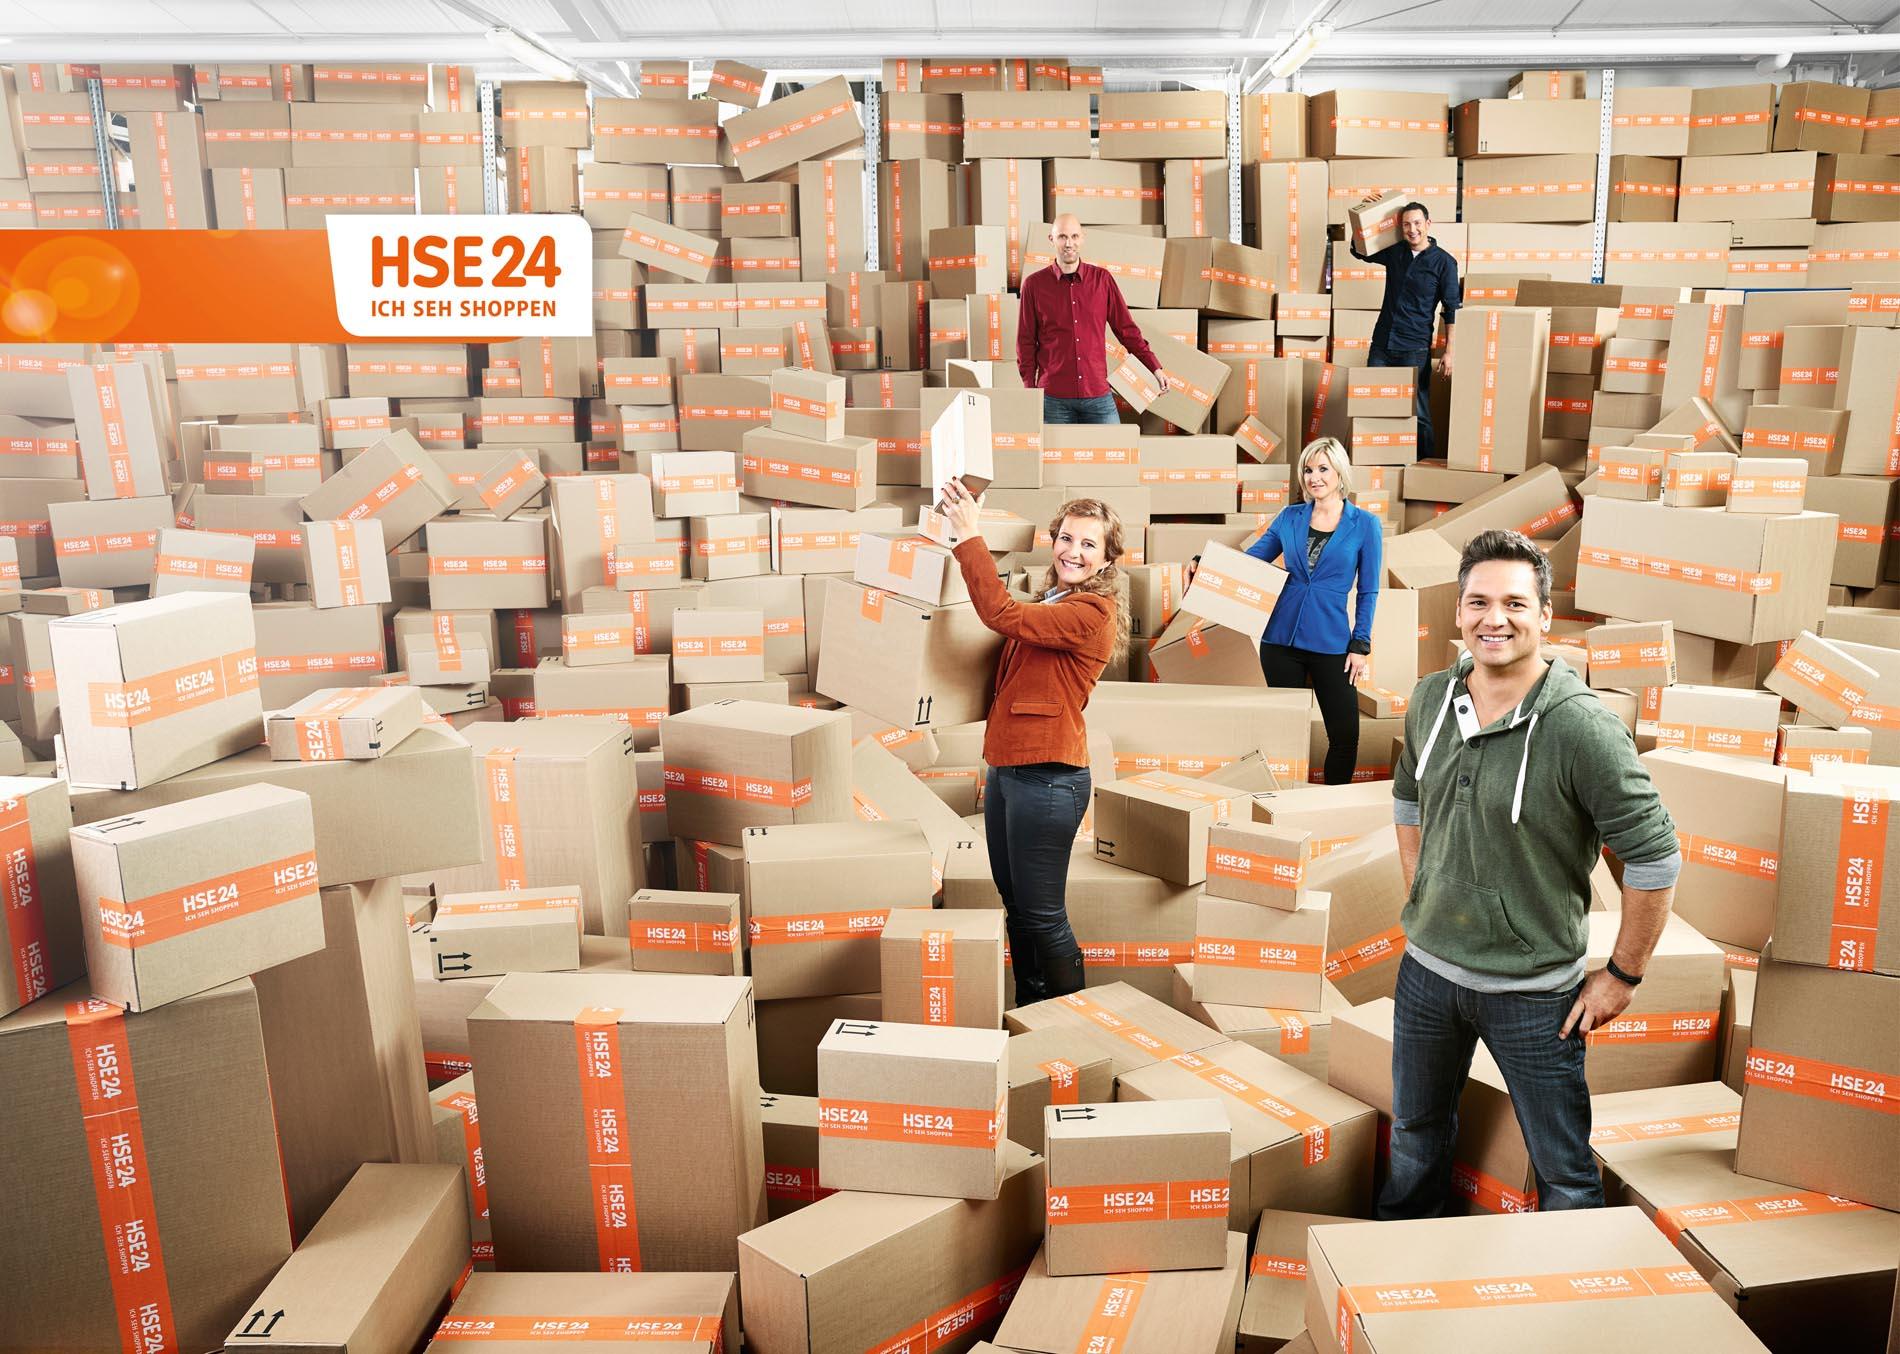 5080MAIWOLF-HSE24-01